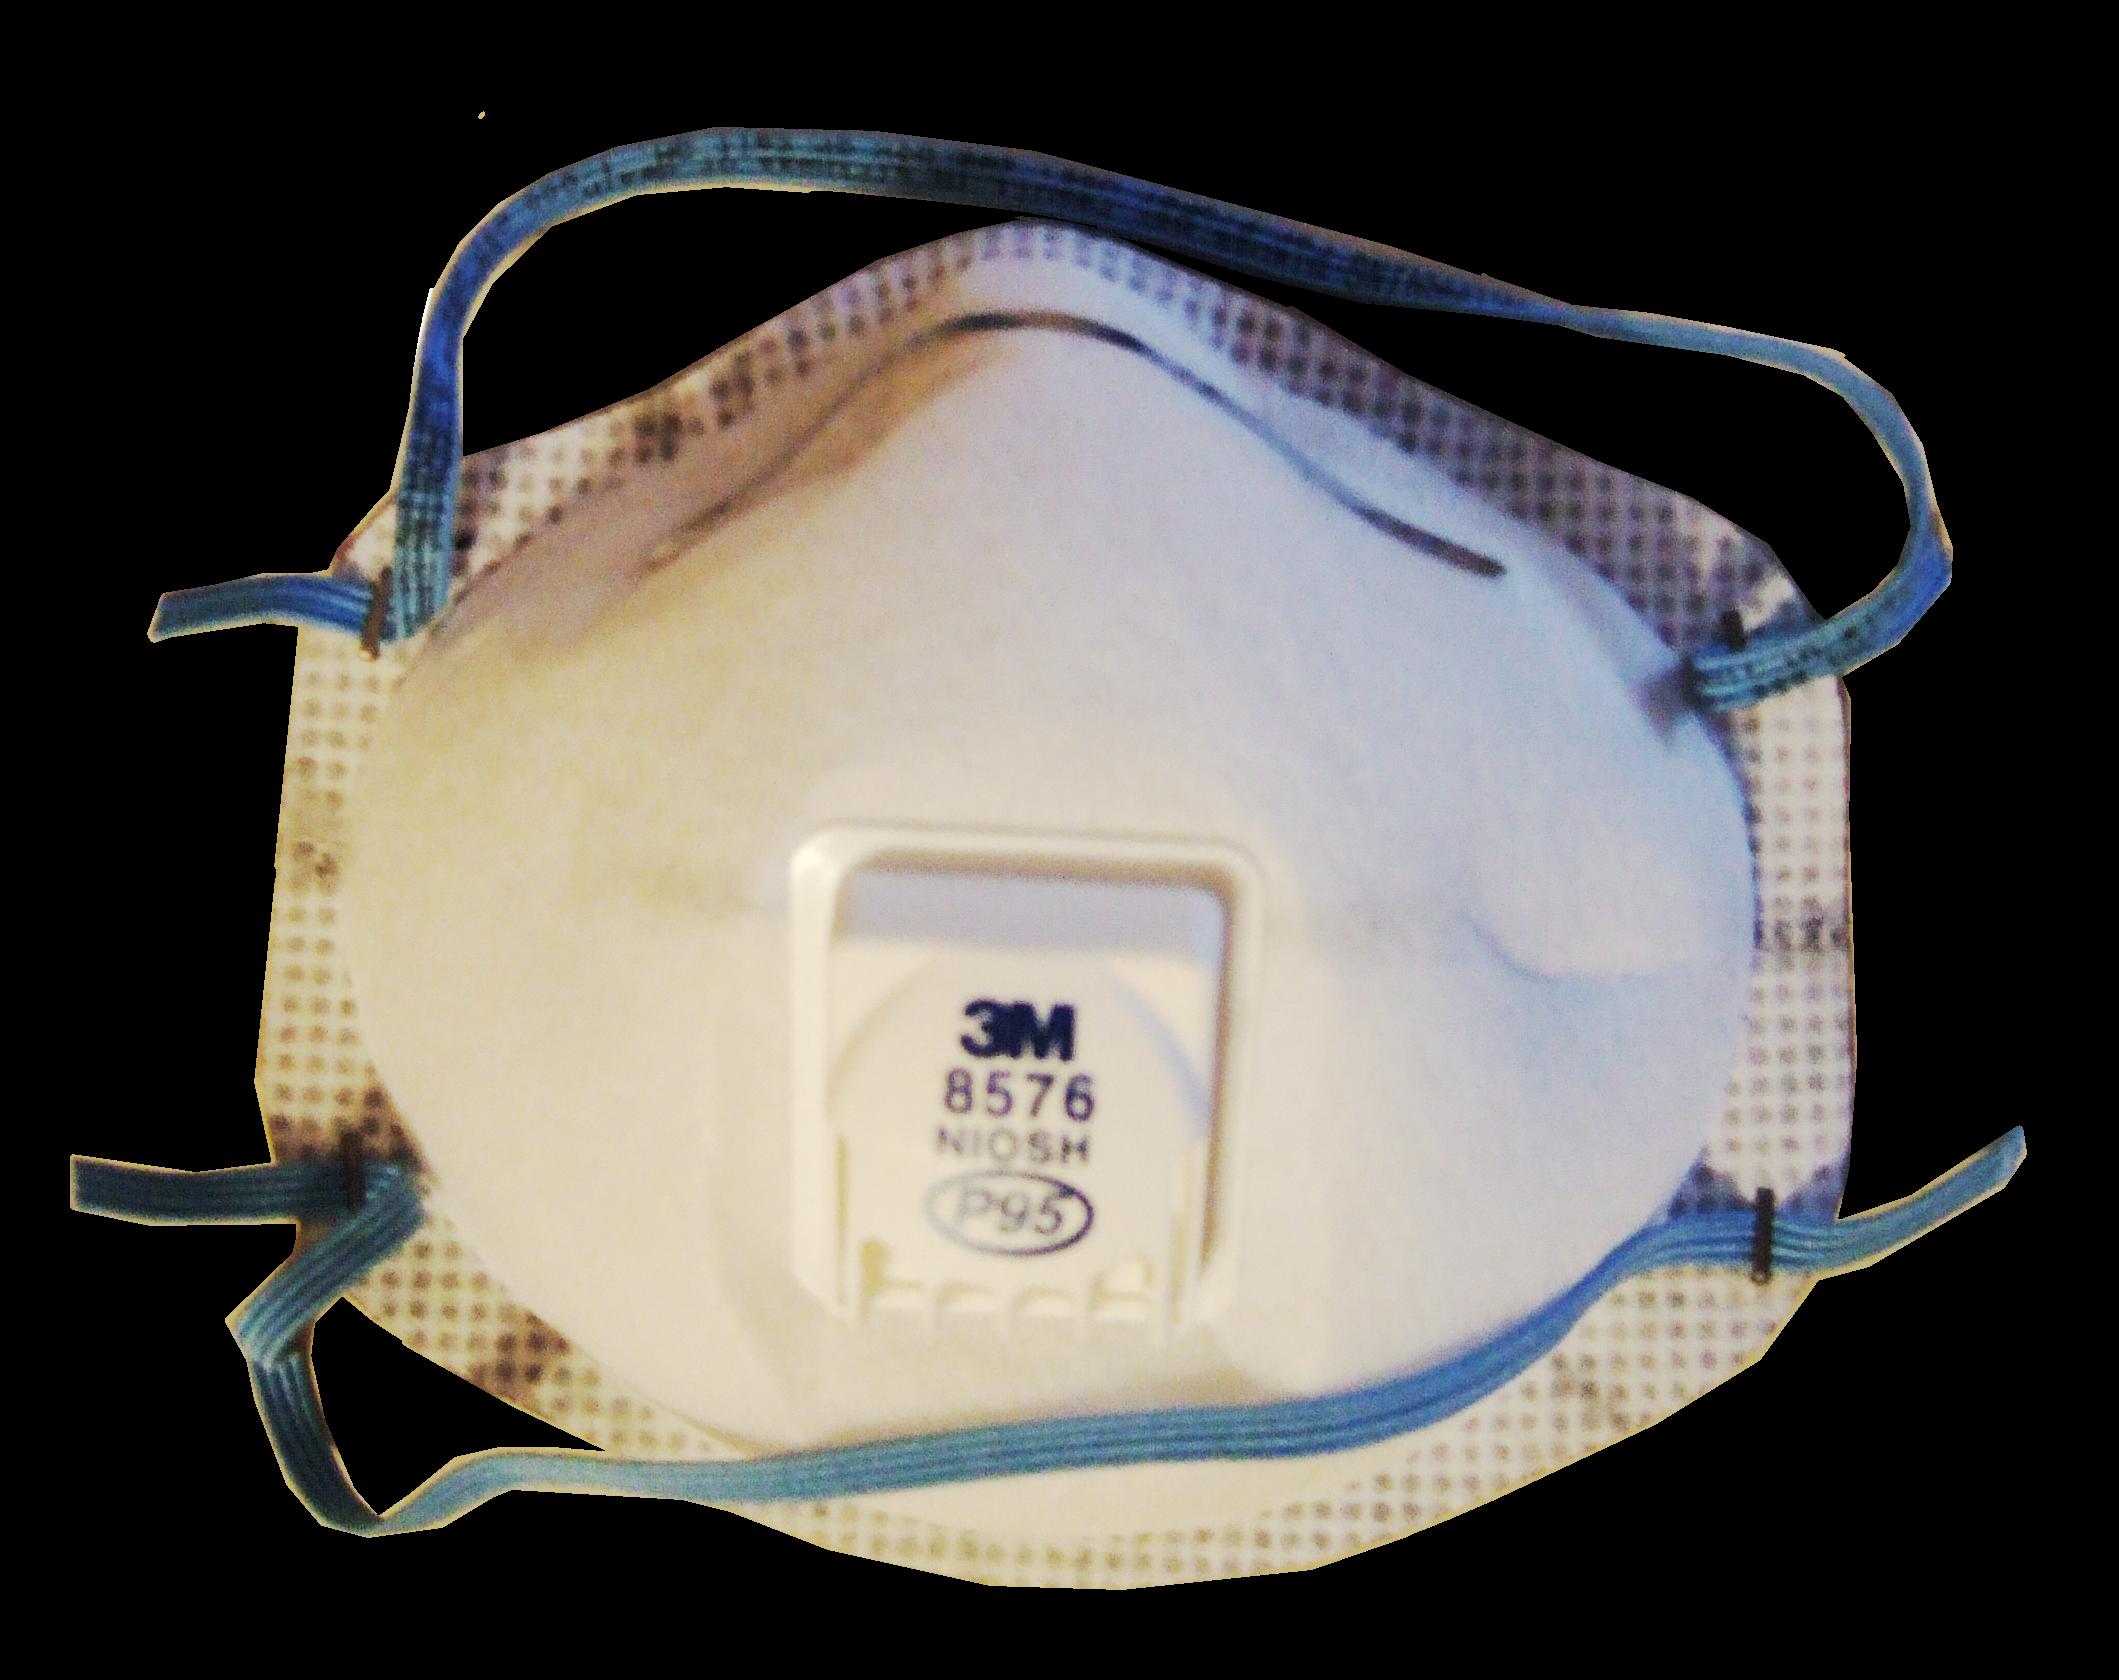 p95 mask 3m